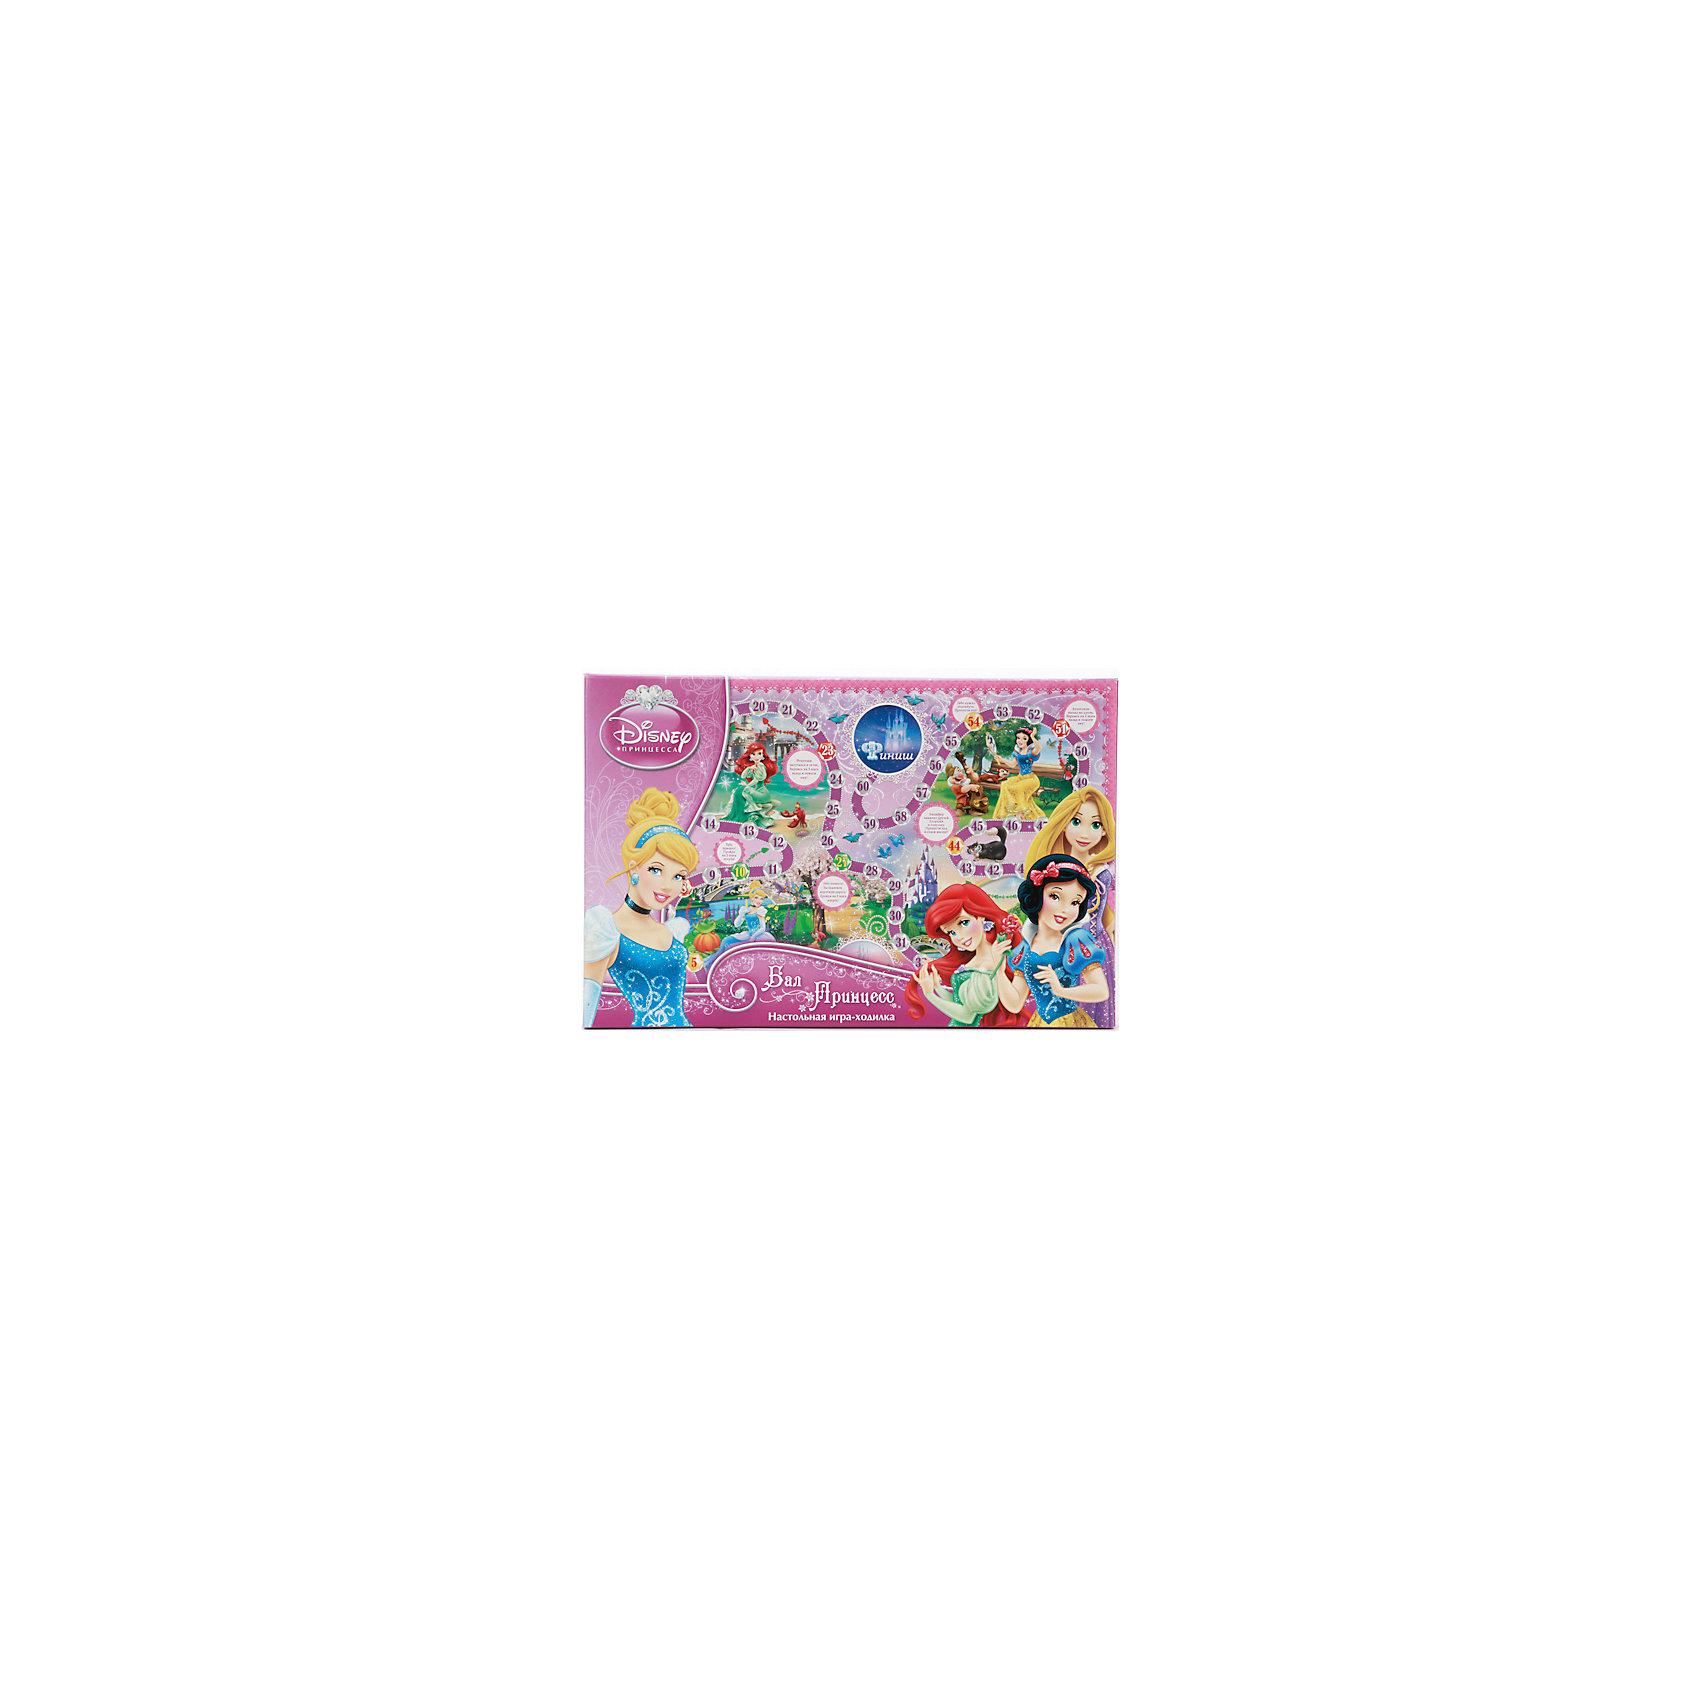 Настольная игра-ходилка Бал принцесс, Принцессы Дисней, УмкаНастольные игры<br>Игра-ходилка - одна из самых популярных и интересных настольных игр. В неё можно играть всей семьей! Этот набор сделан в тематике принцесс Диснея, особенно понравится девочкам. Он сделан из качественного и безопасного для ребенка материала.<br>На игровом поле изображены принцессы из мультфильмов Диснея, есть фишки и кубик. Игра с таким набором поможет не только весело провести время, она позволит ребенку запоминать цифры в игровой форме, тренировать внимание, мышление и мелкую моторику.<br><br>Дополнительная информация:<br><br>цвет: разноцветный;<br>материал: пластик;<br>вес: 150 г;<br>размер упаковки: 3x21x33 см.<br><br>Настольную игру-ходилку Бал принцесс, Принцессы Дисней, от бренда Умка можно купить в нашем магазине<br><br>Ширина мм: 210<br>Глубина мм: 330<br>Высота мм: 30<br>Вес г: 150<br>Возраст от месяцев: 36<br>Возраст до месяцев: 120<br>Пол: Женский<br>Возраст: Детский<br>SKU: 4720262